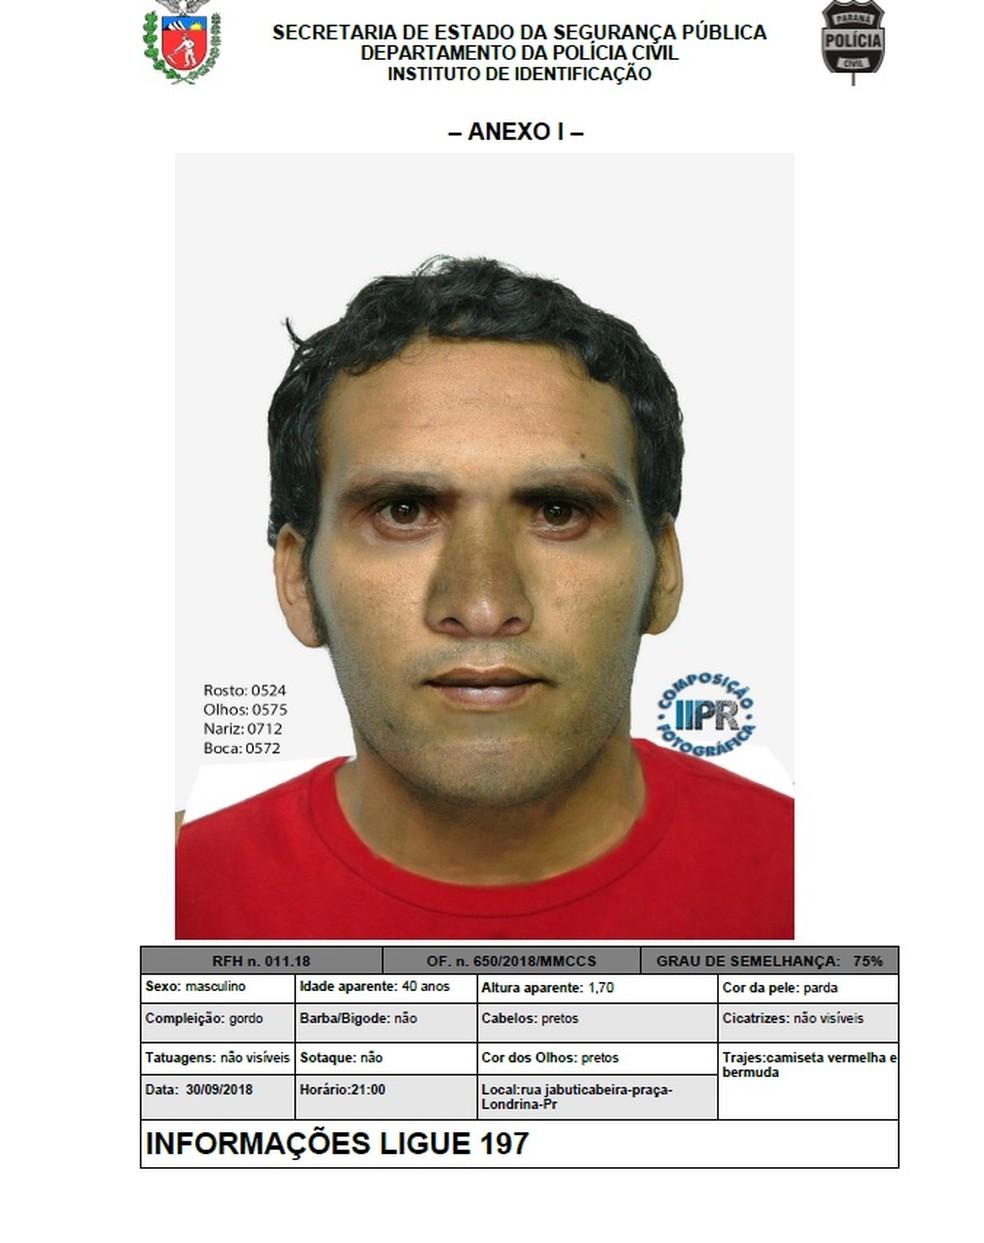 Nucria divulgou retrato falado de suspeito de estuprar adolescente na zona leste de Londrina — Foto: Polícia Civil do Paraná/Divulgação